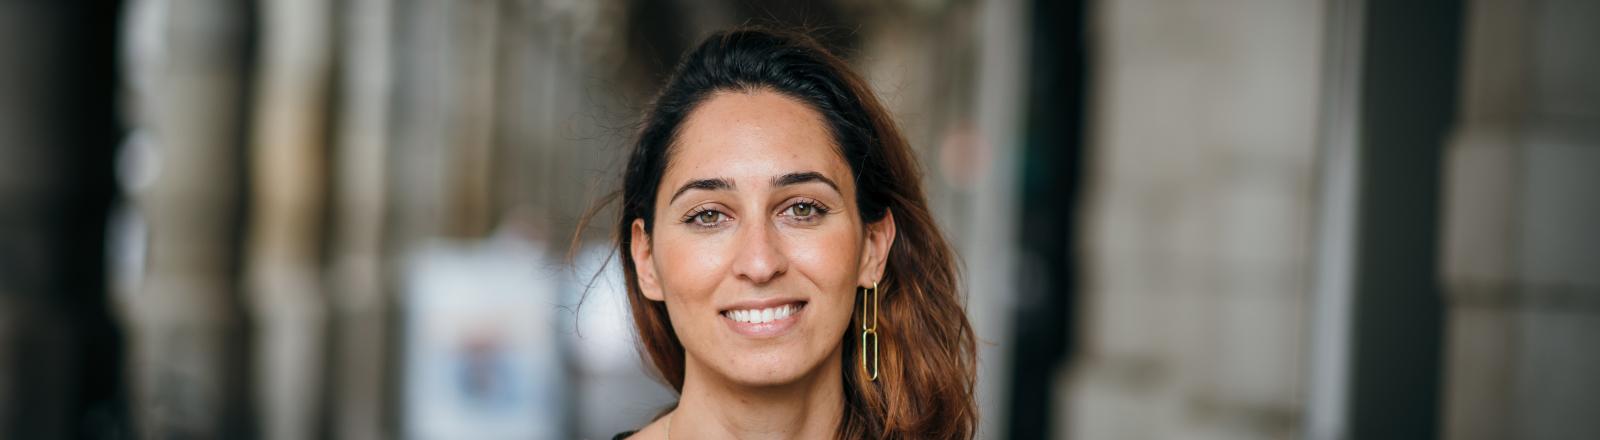 Die Modeexpertin Miriam Amro.